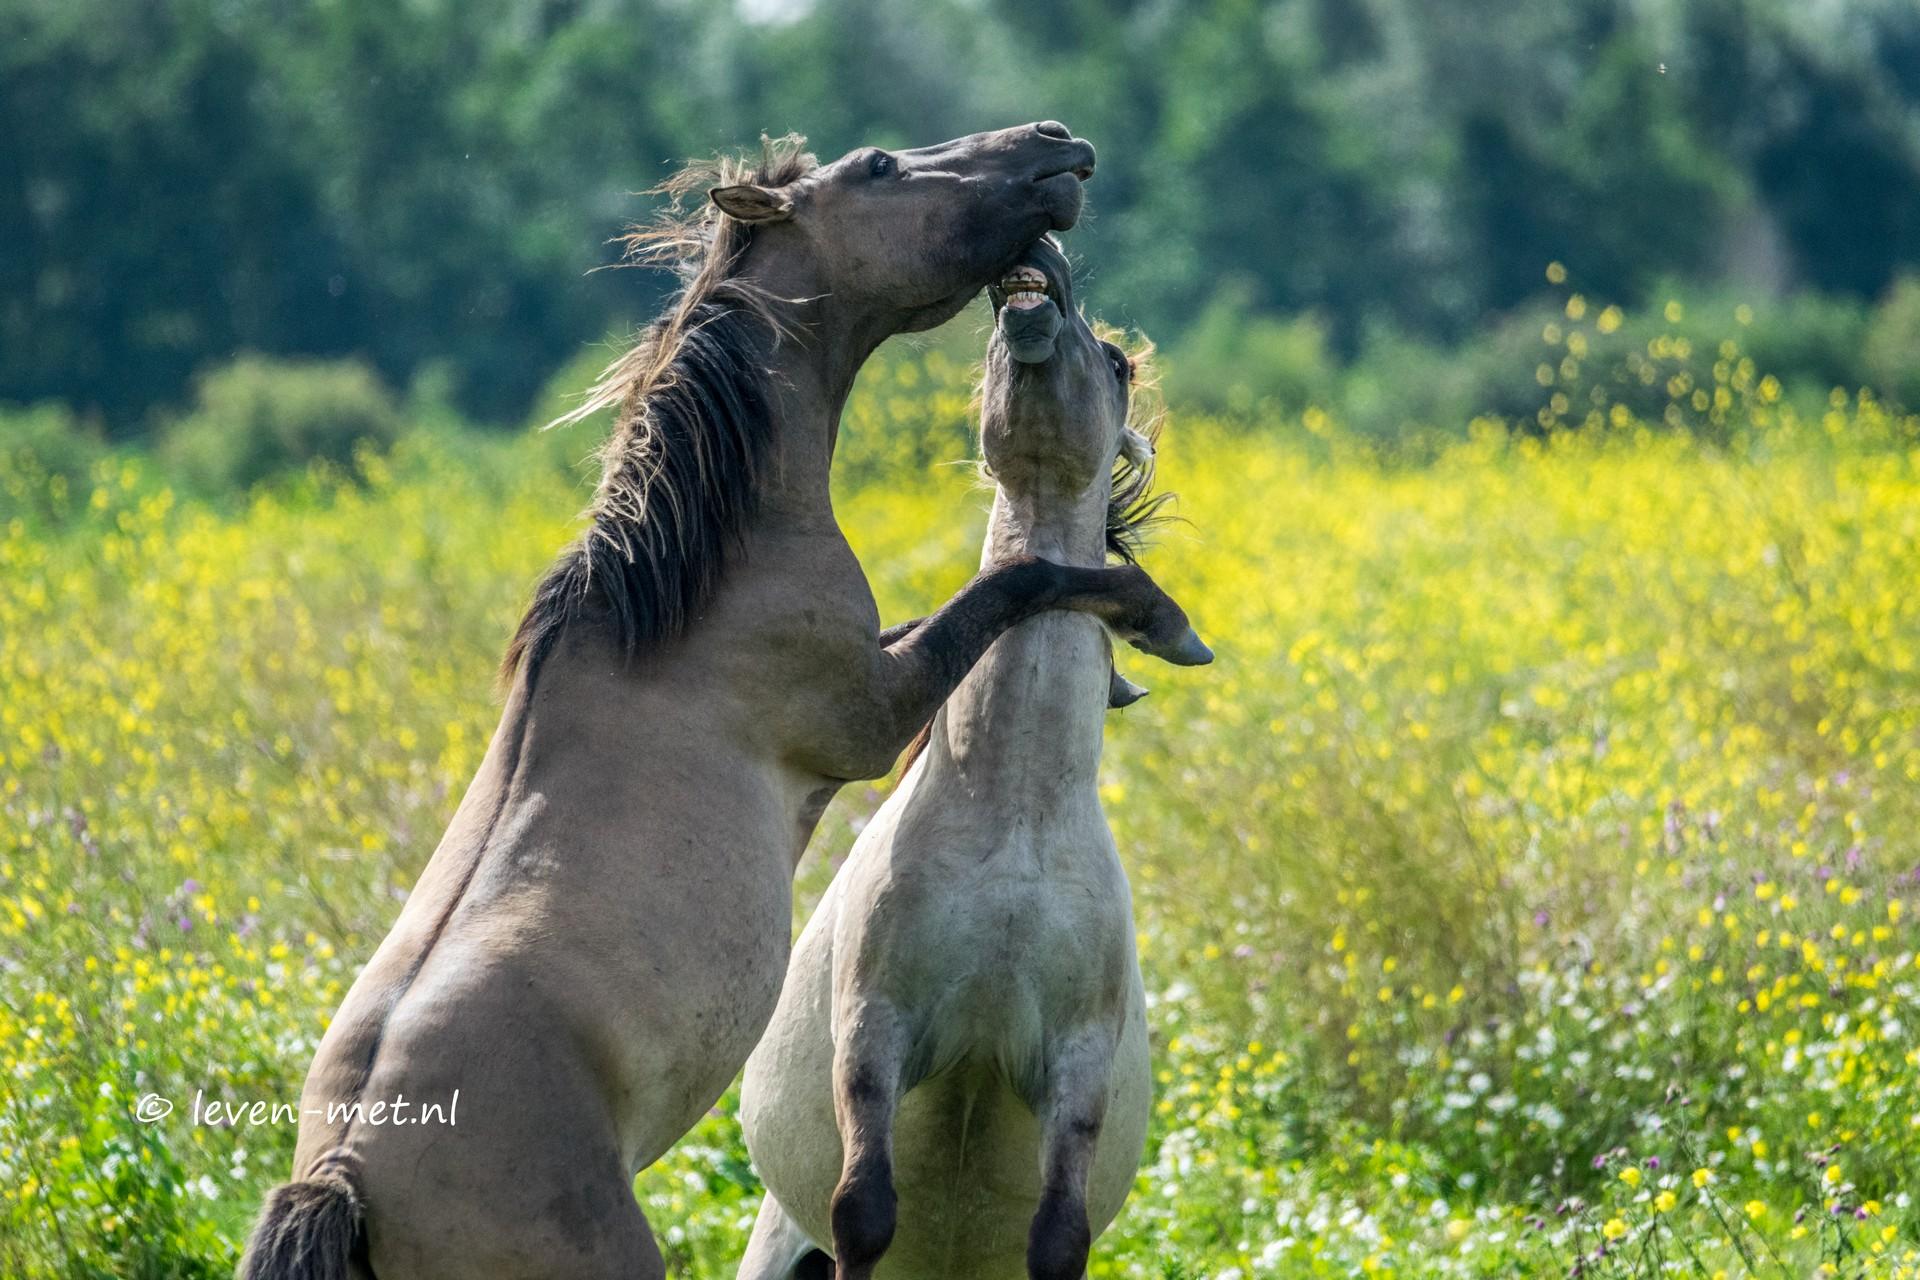 Konikpaarden gedrag in het Oostvaardersveld